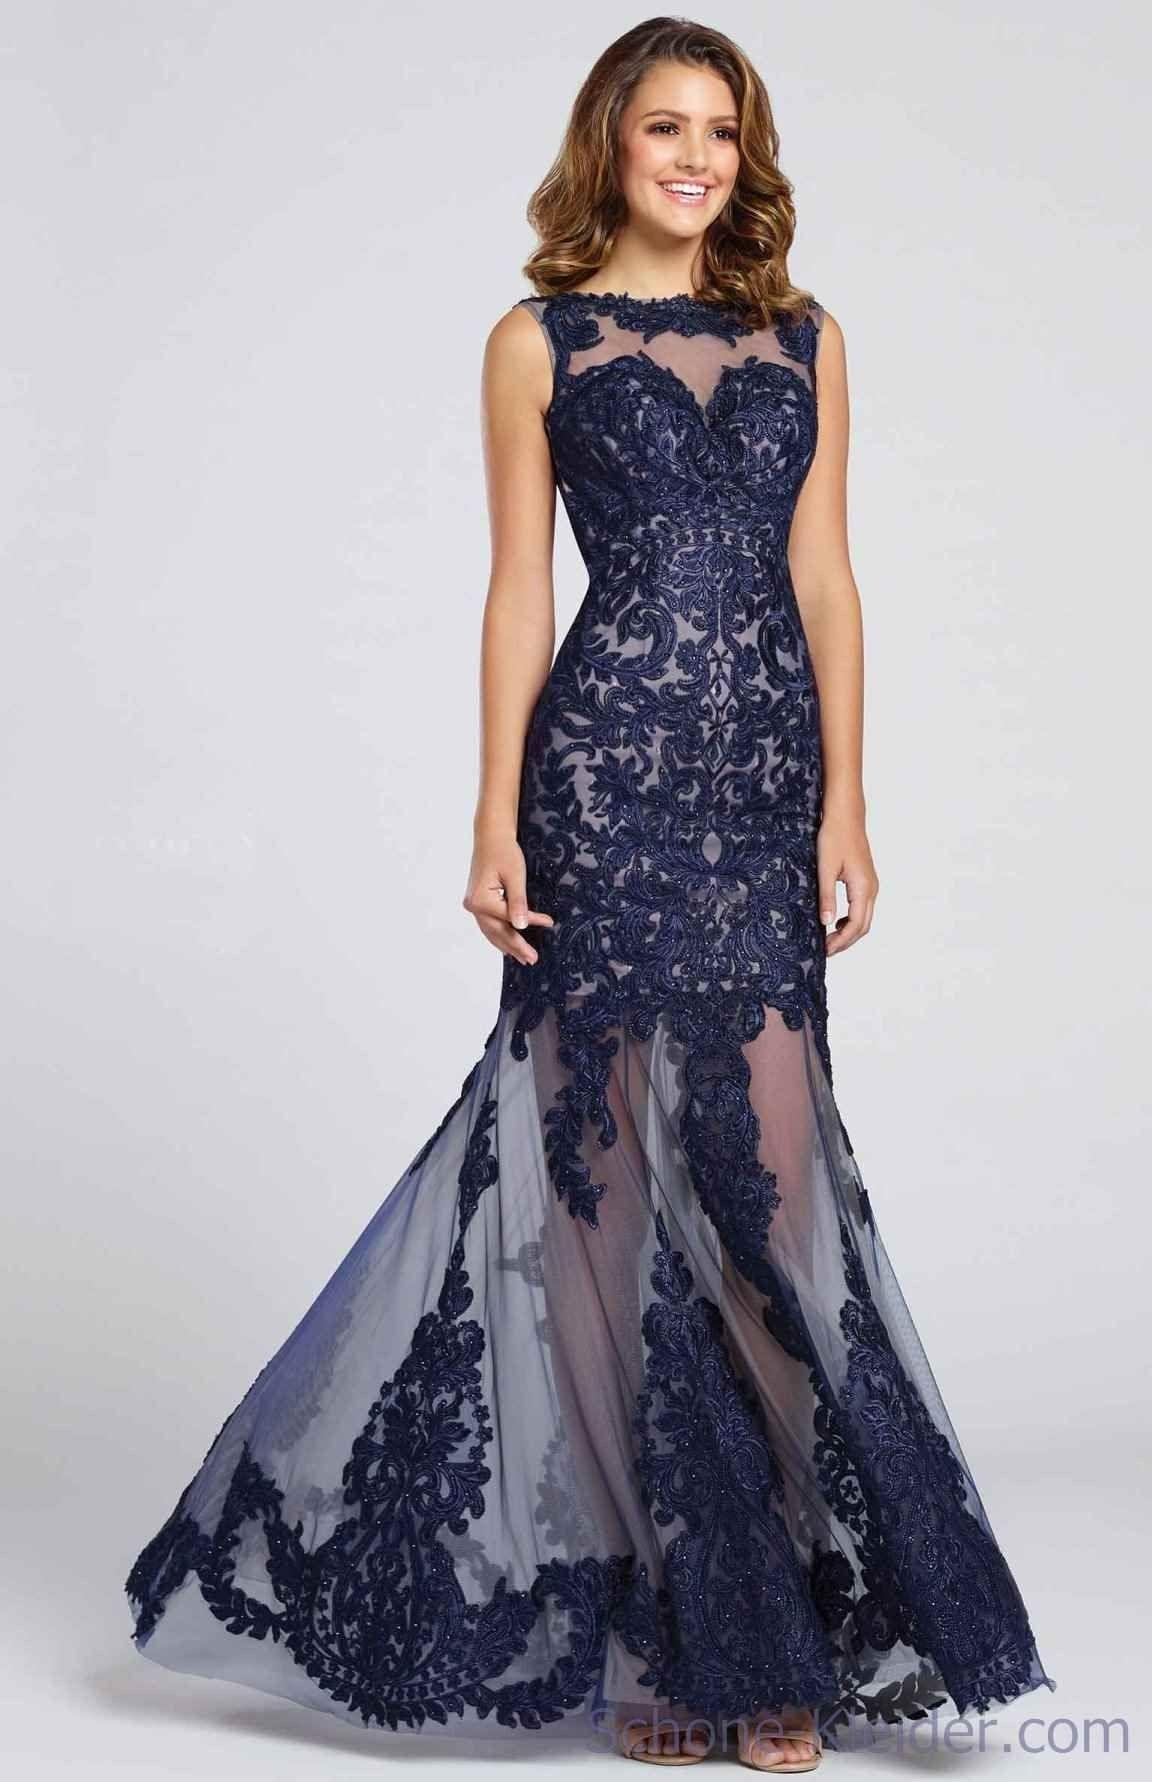 13 Fantastisch Hübsche Abendkleider Bester Preis13 Kreativ Hübsche Abendkleider Galerie